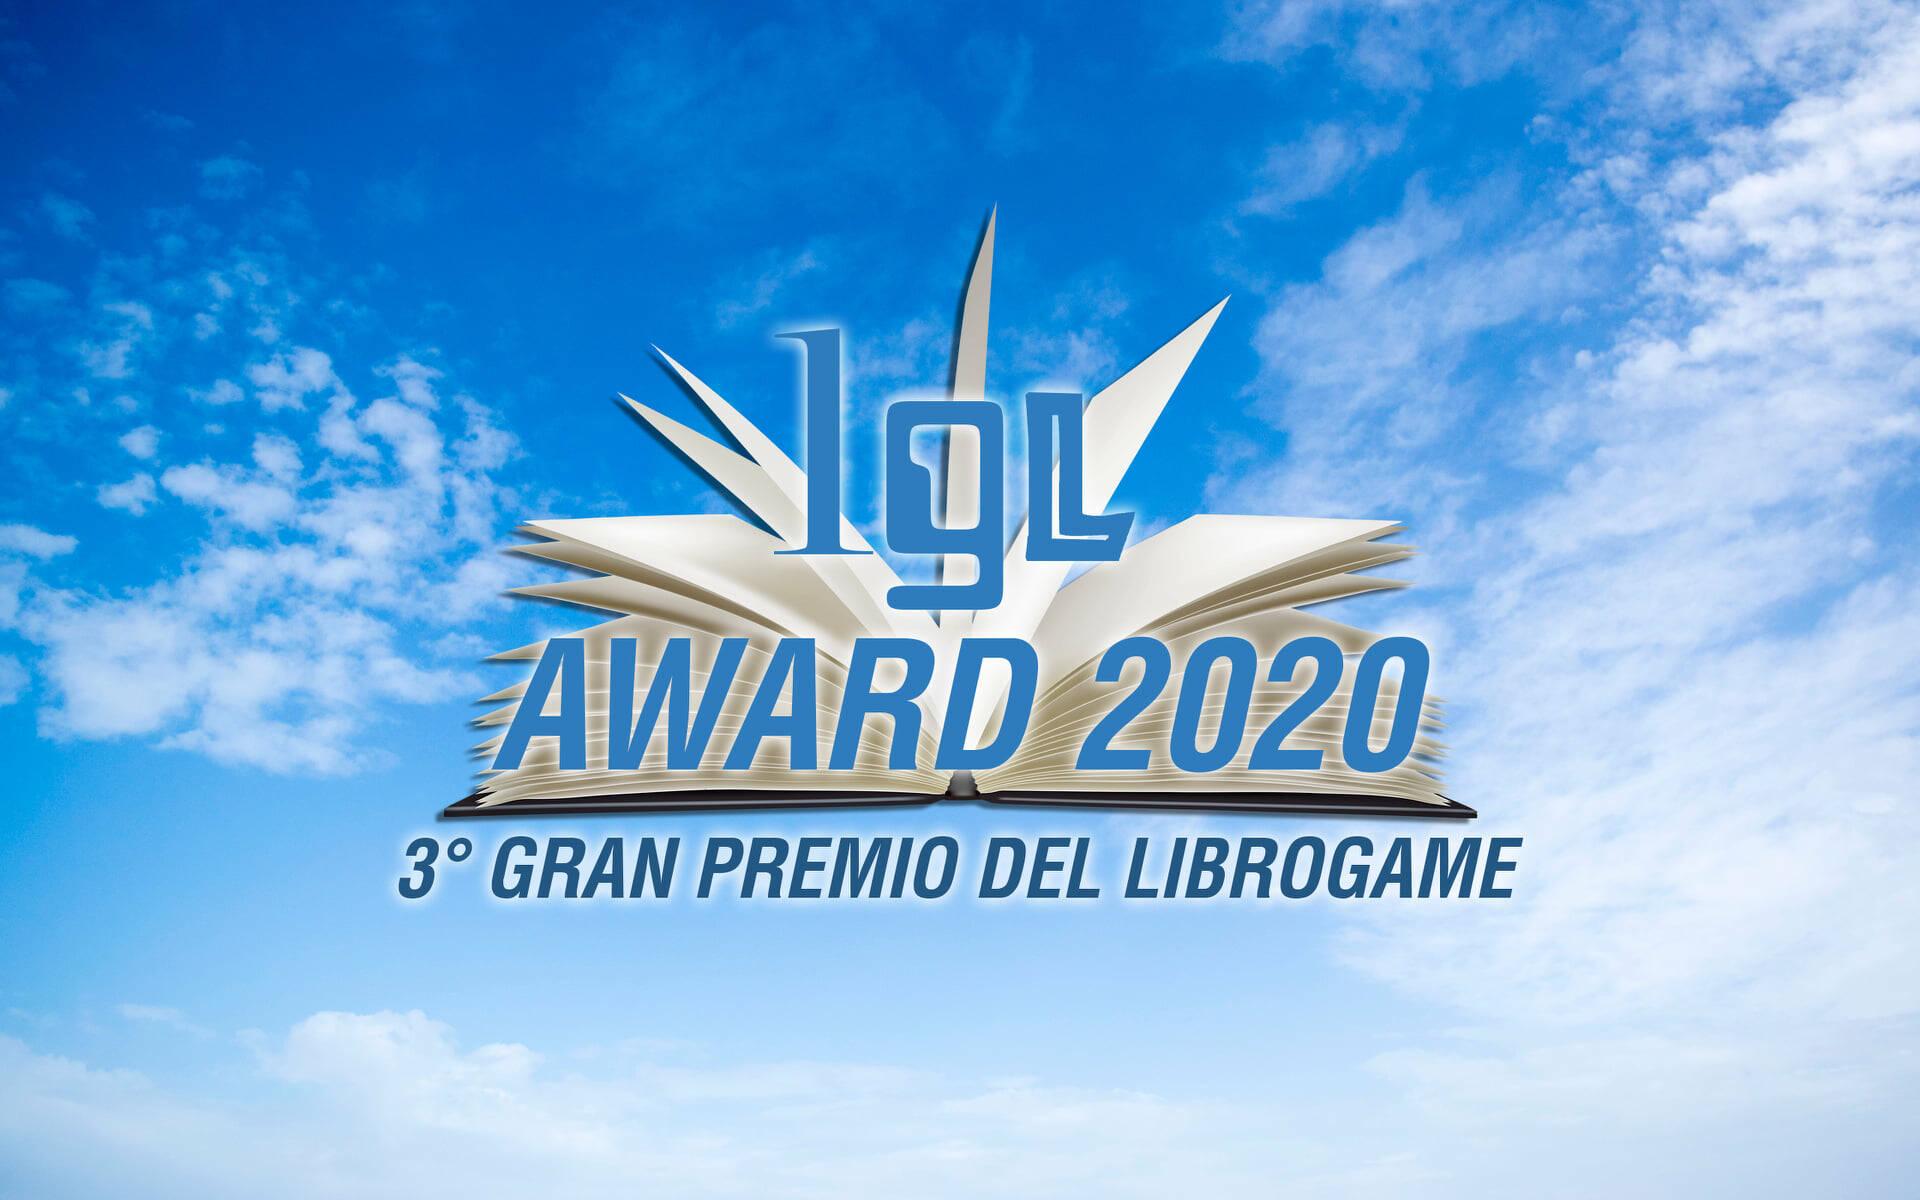 LGL award 2020